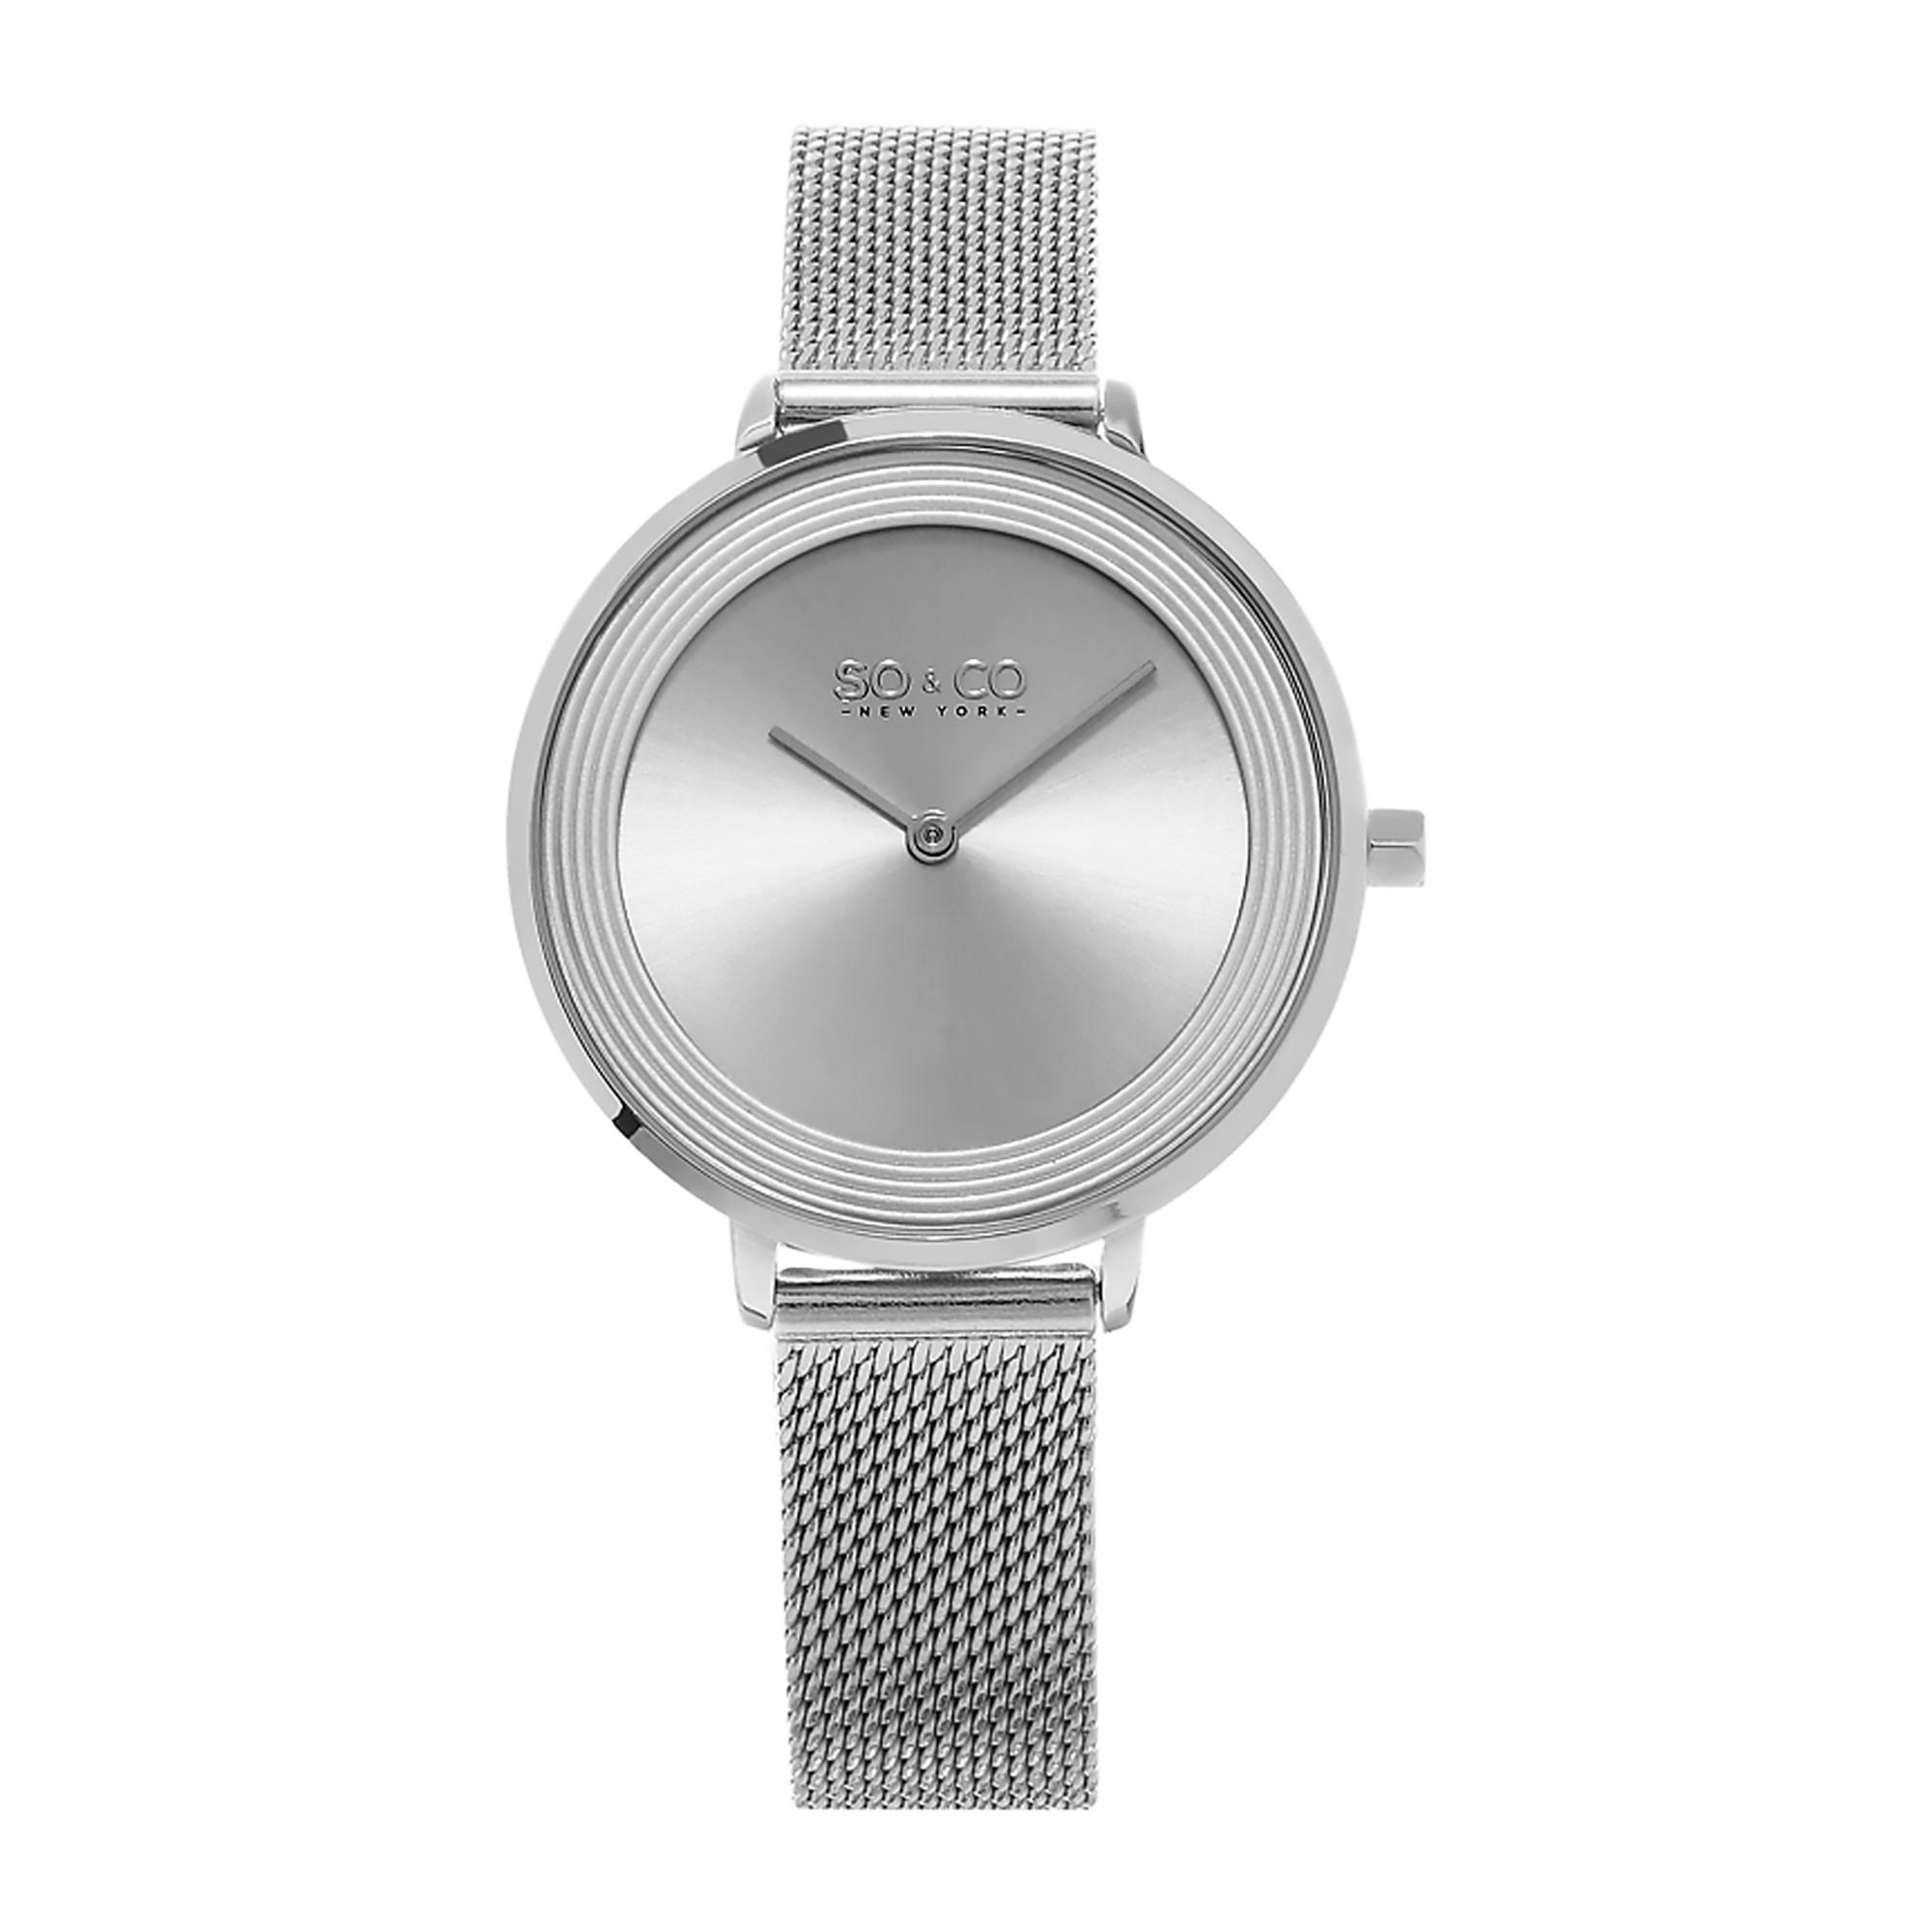 ساعت مچی عقربه ای زنانه سو اند کو مدل 5204m.1